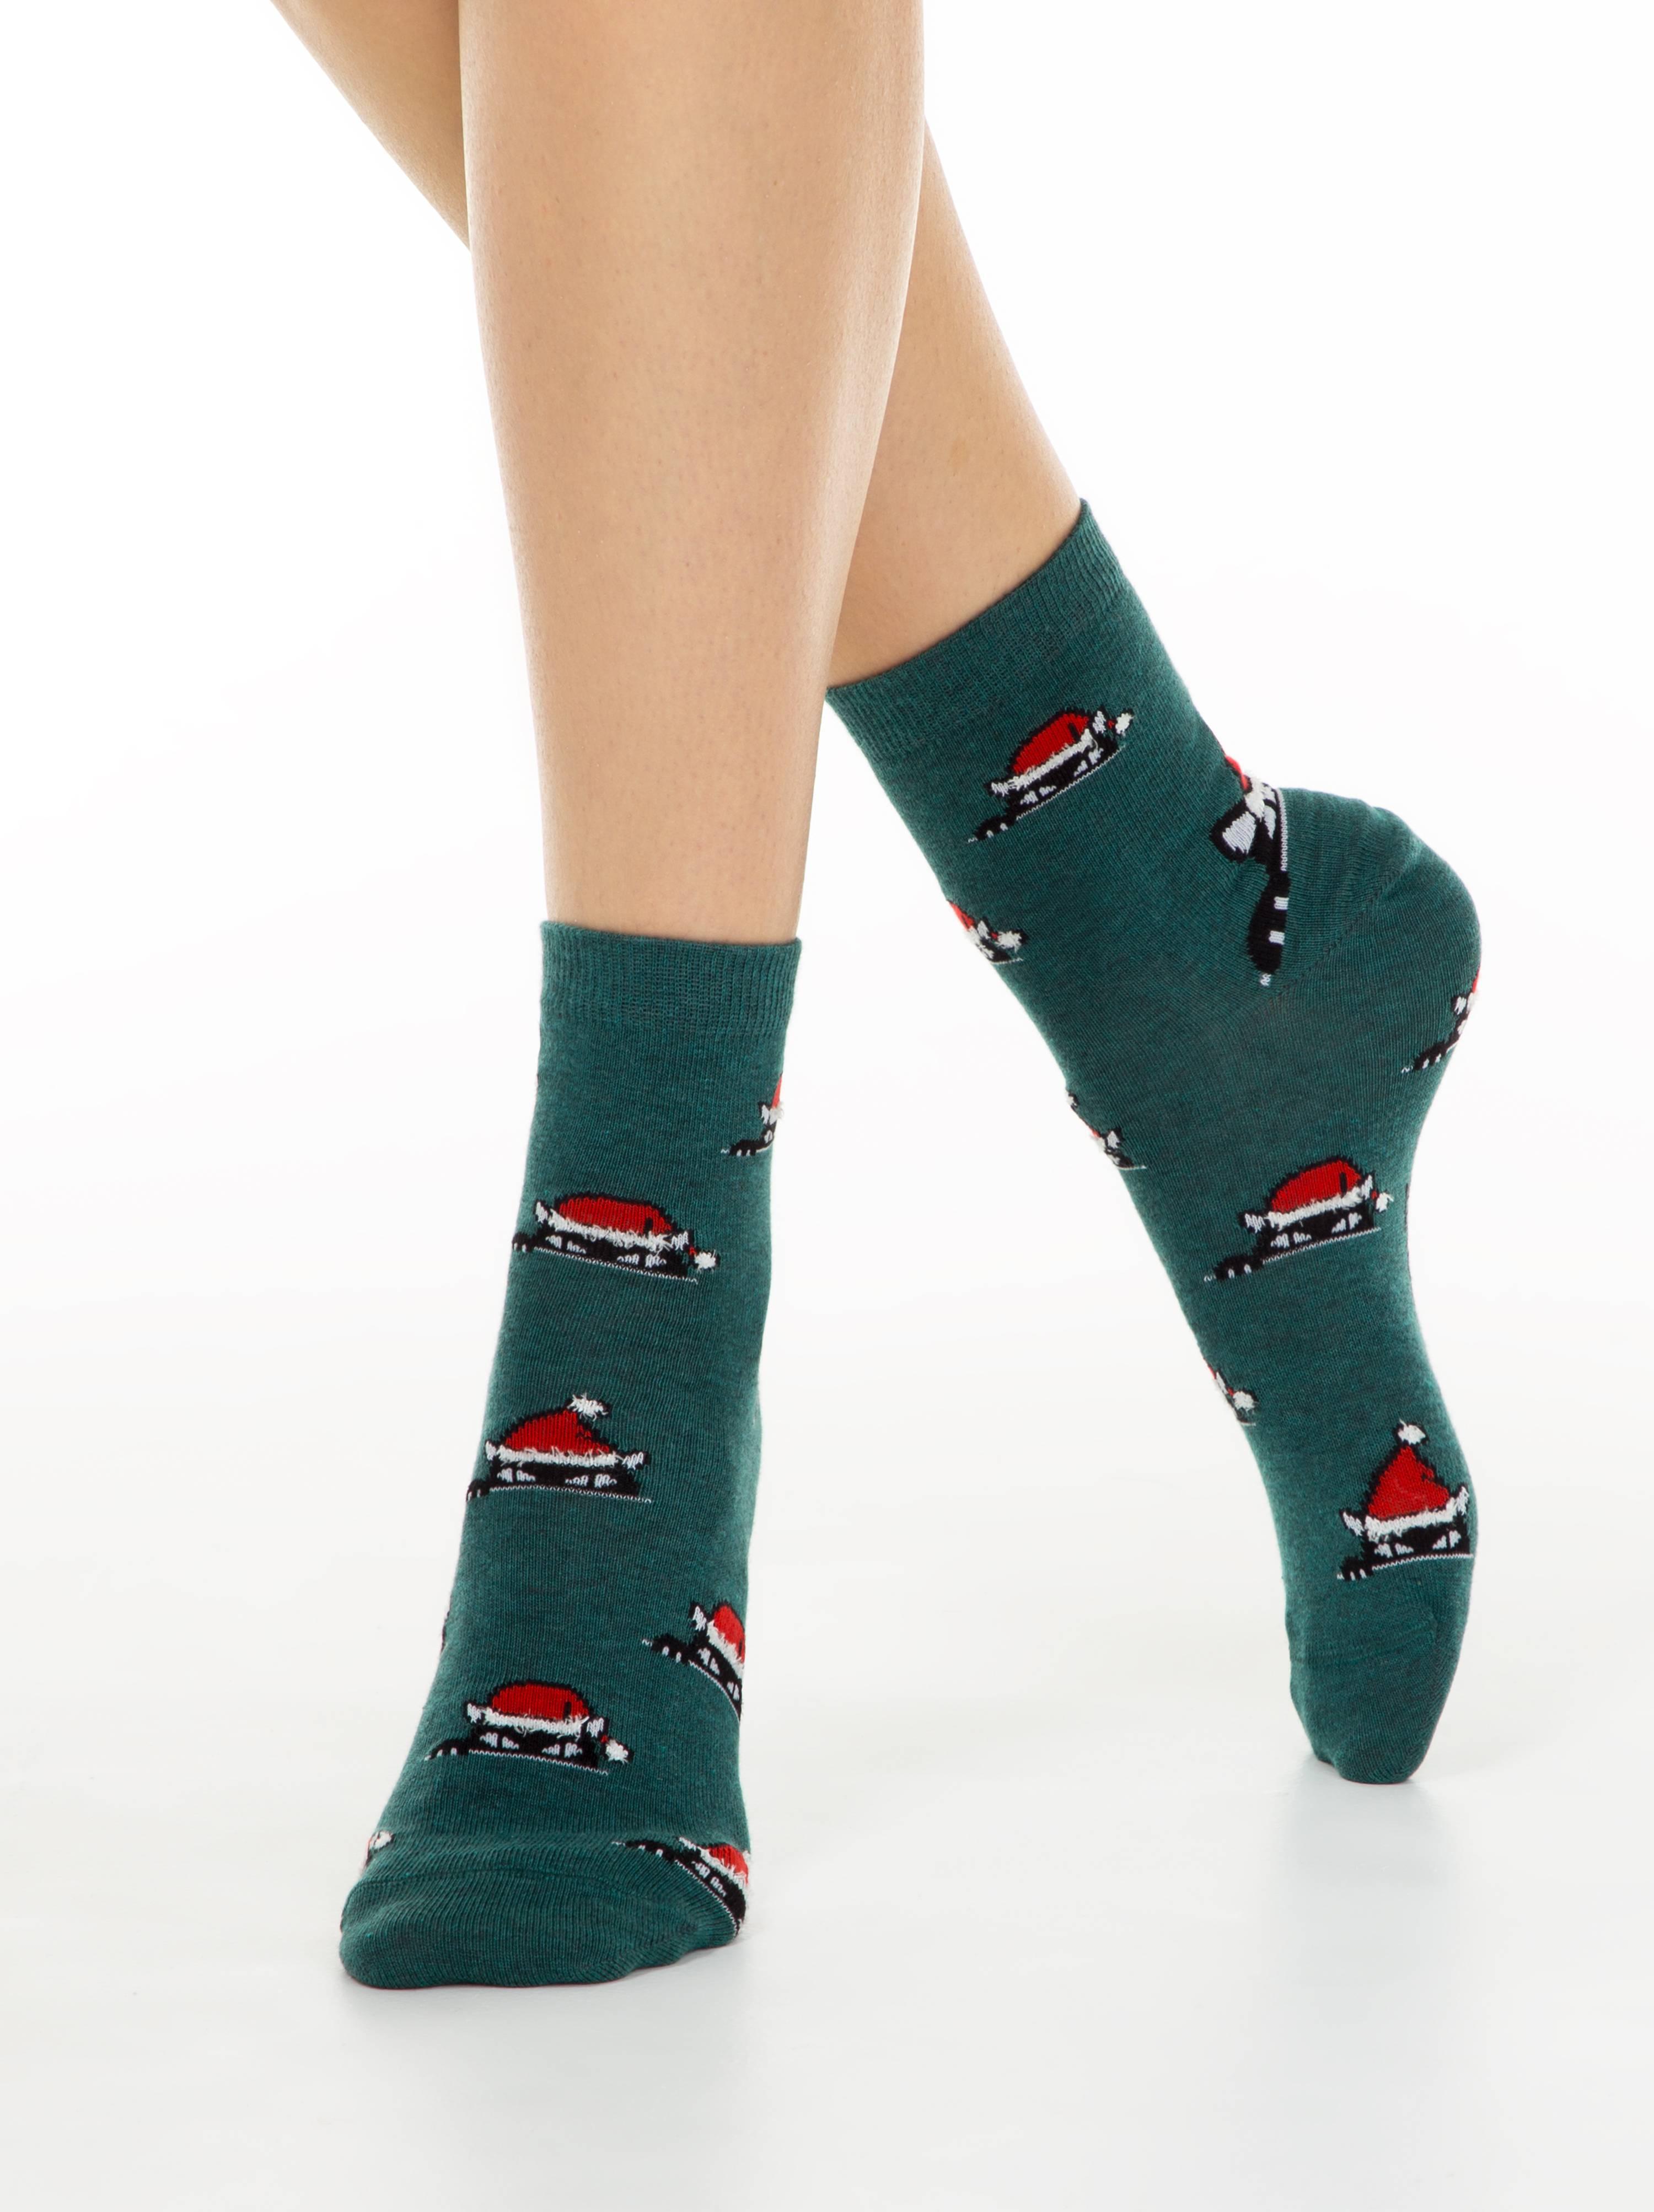 Носки женские ⭐️ Женские новогодние носки с пушистой нитью «Xmas cat» ⭐️